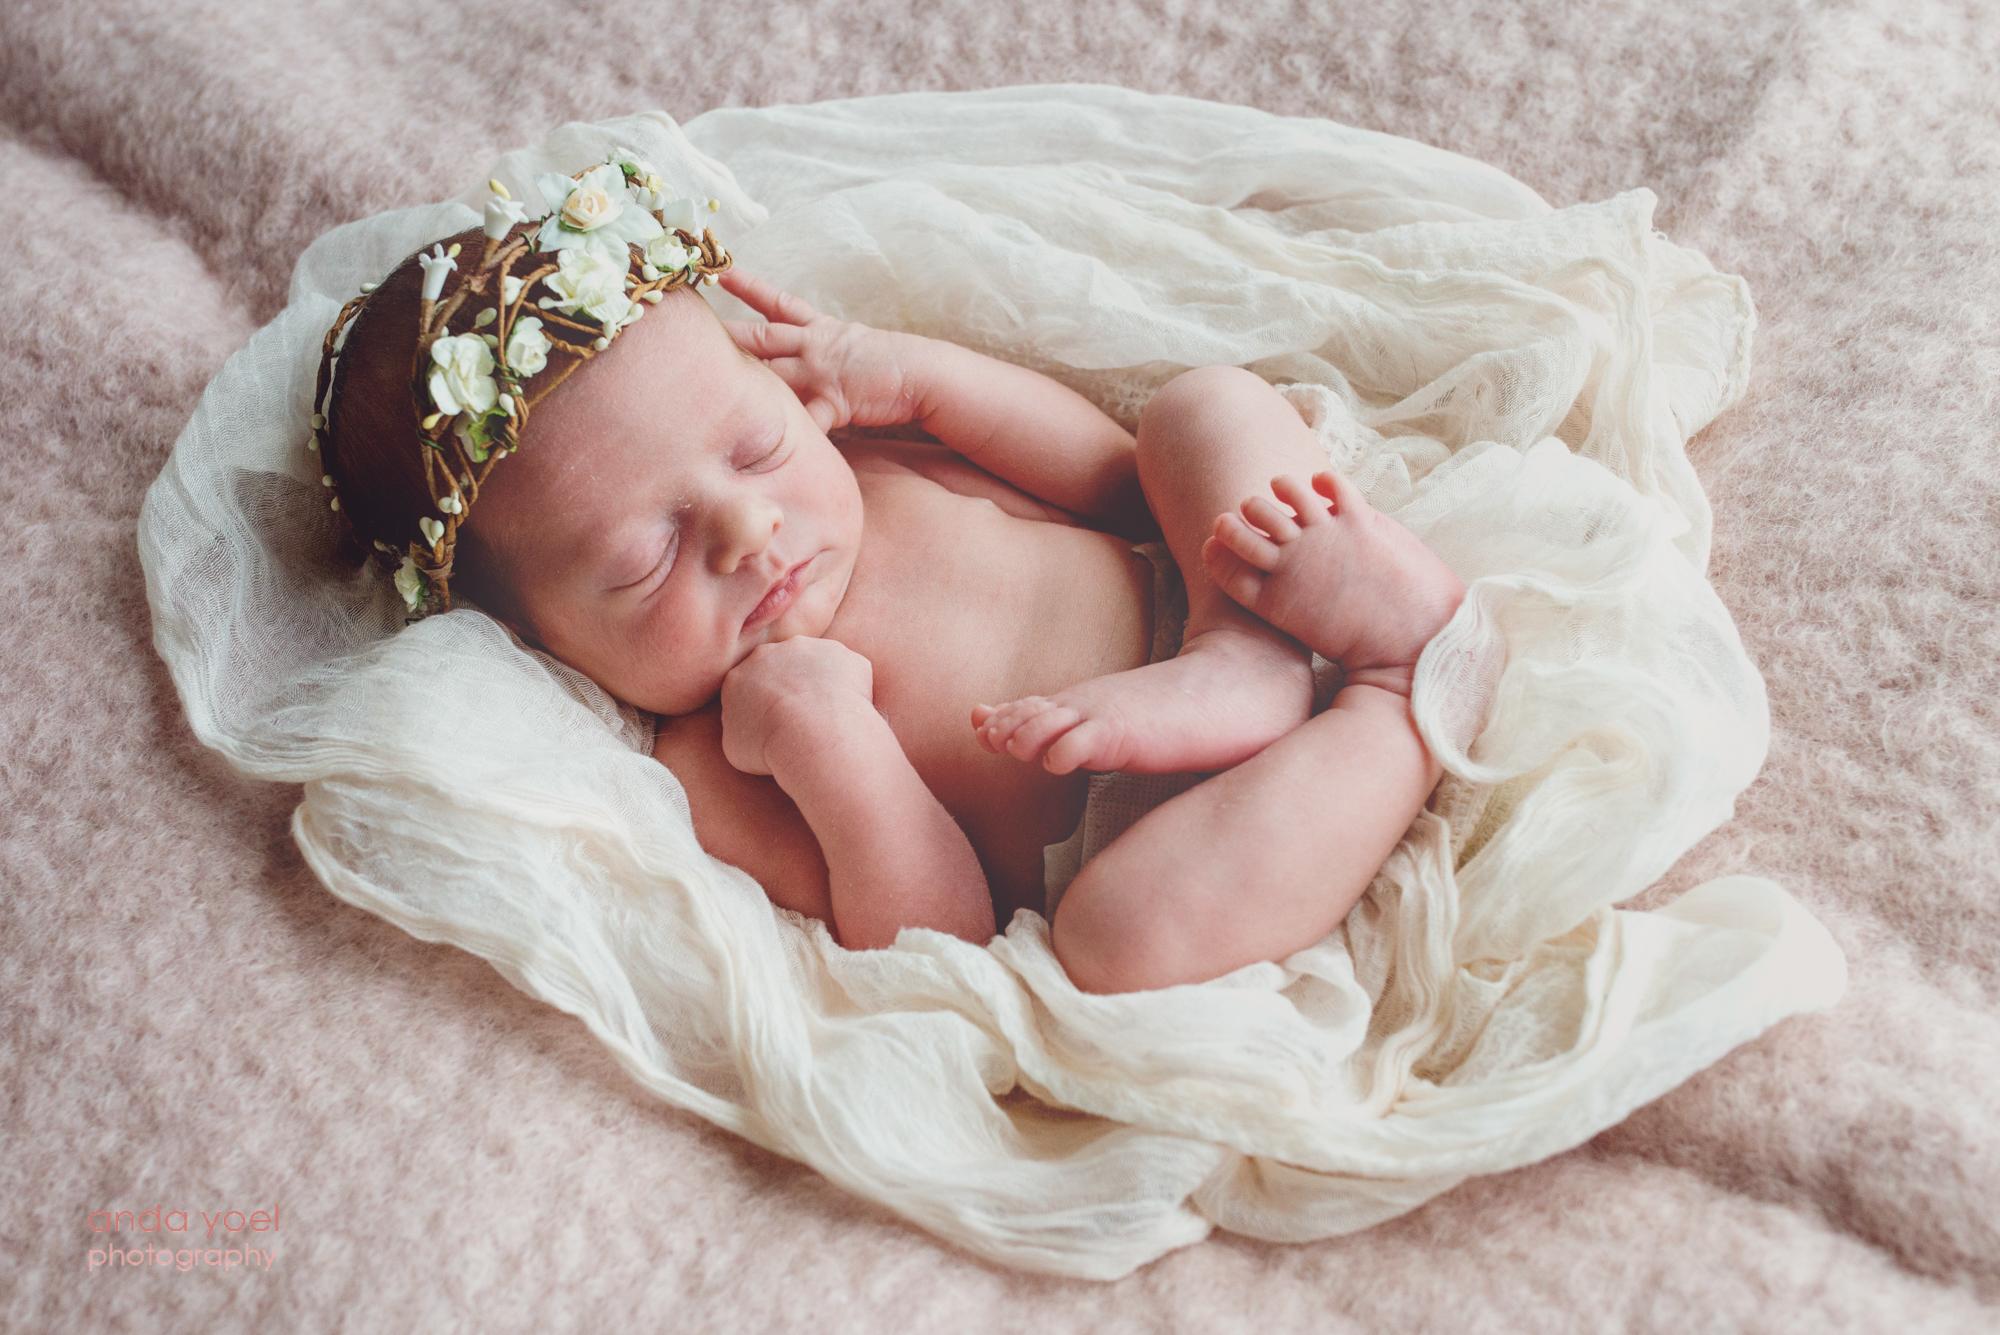 תינוקת ניו בורן שנולדה לאחר טיפולי פוריות - צילום אנדה יואל